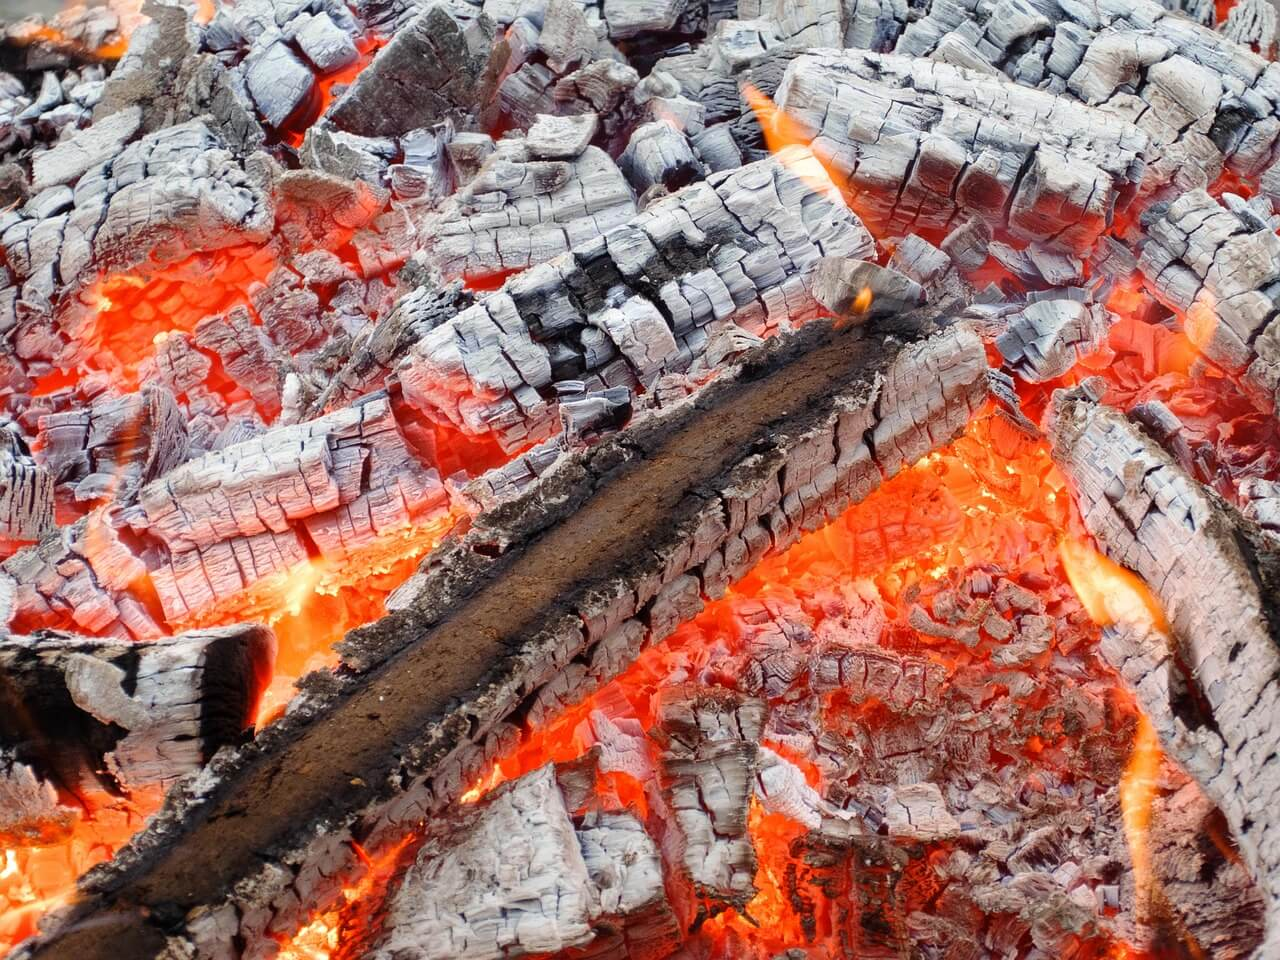 Infrarotstrahlung geht von glühender Kohle aus